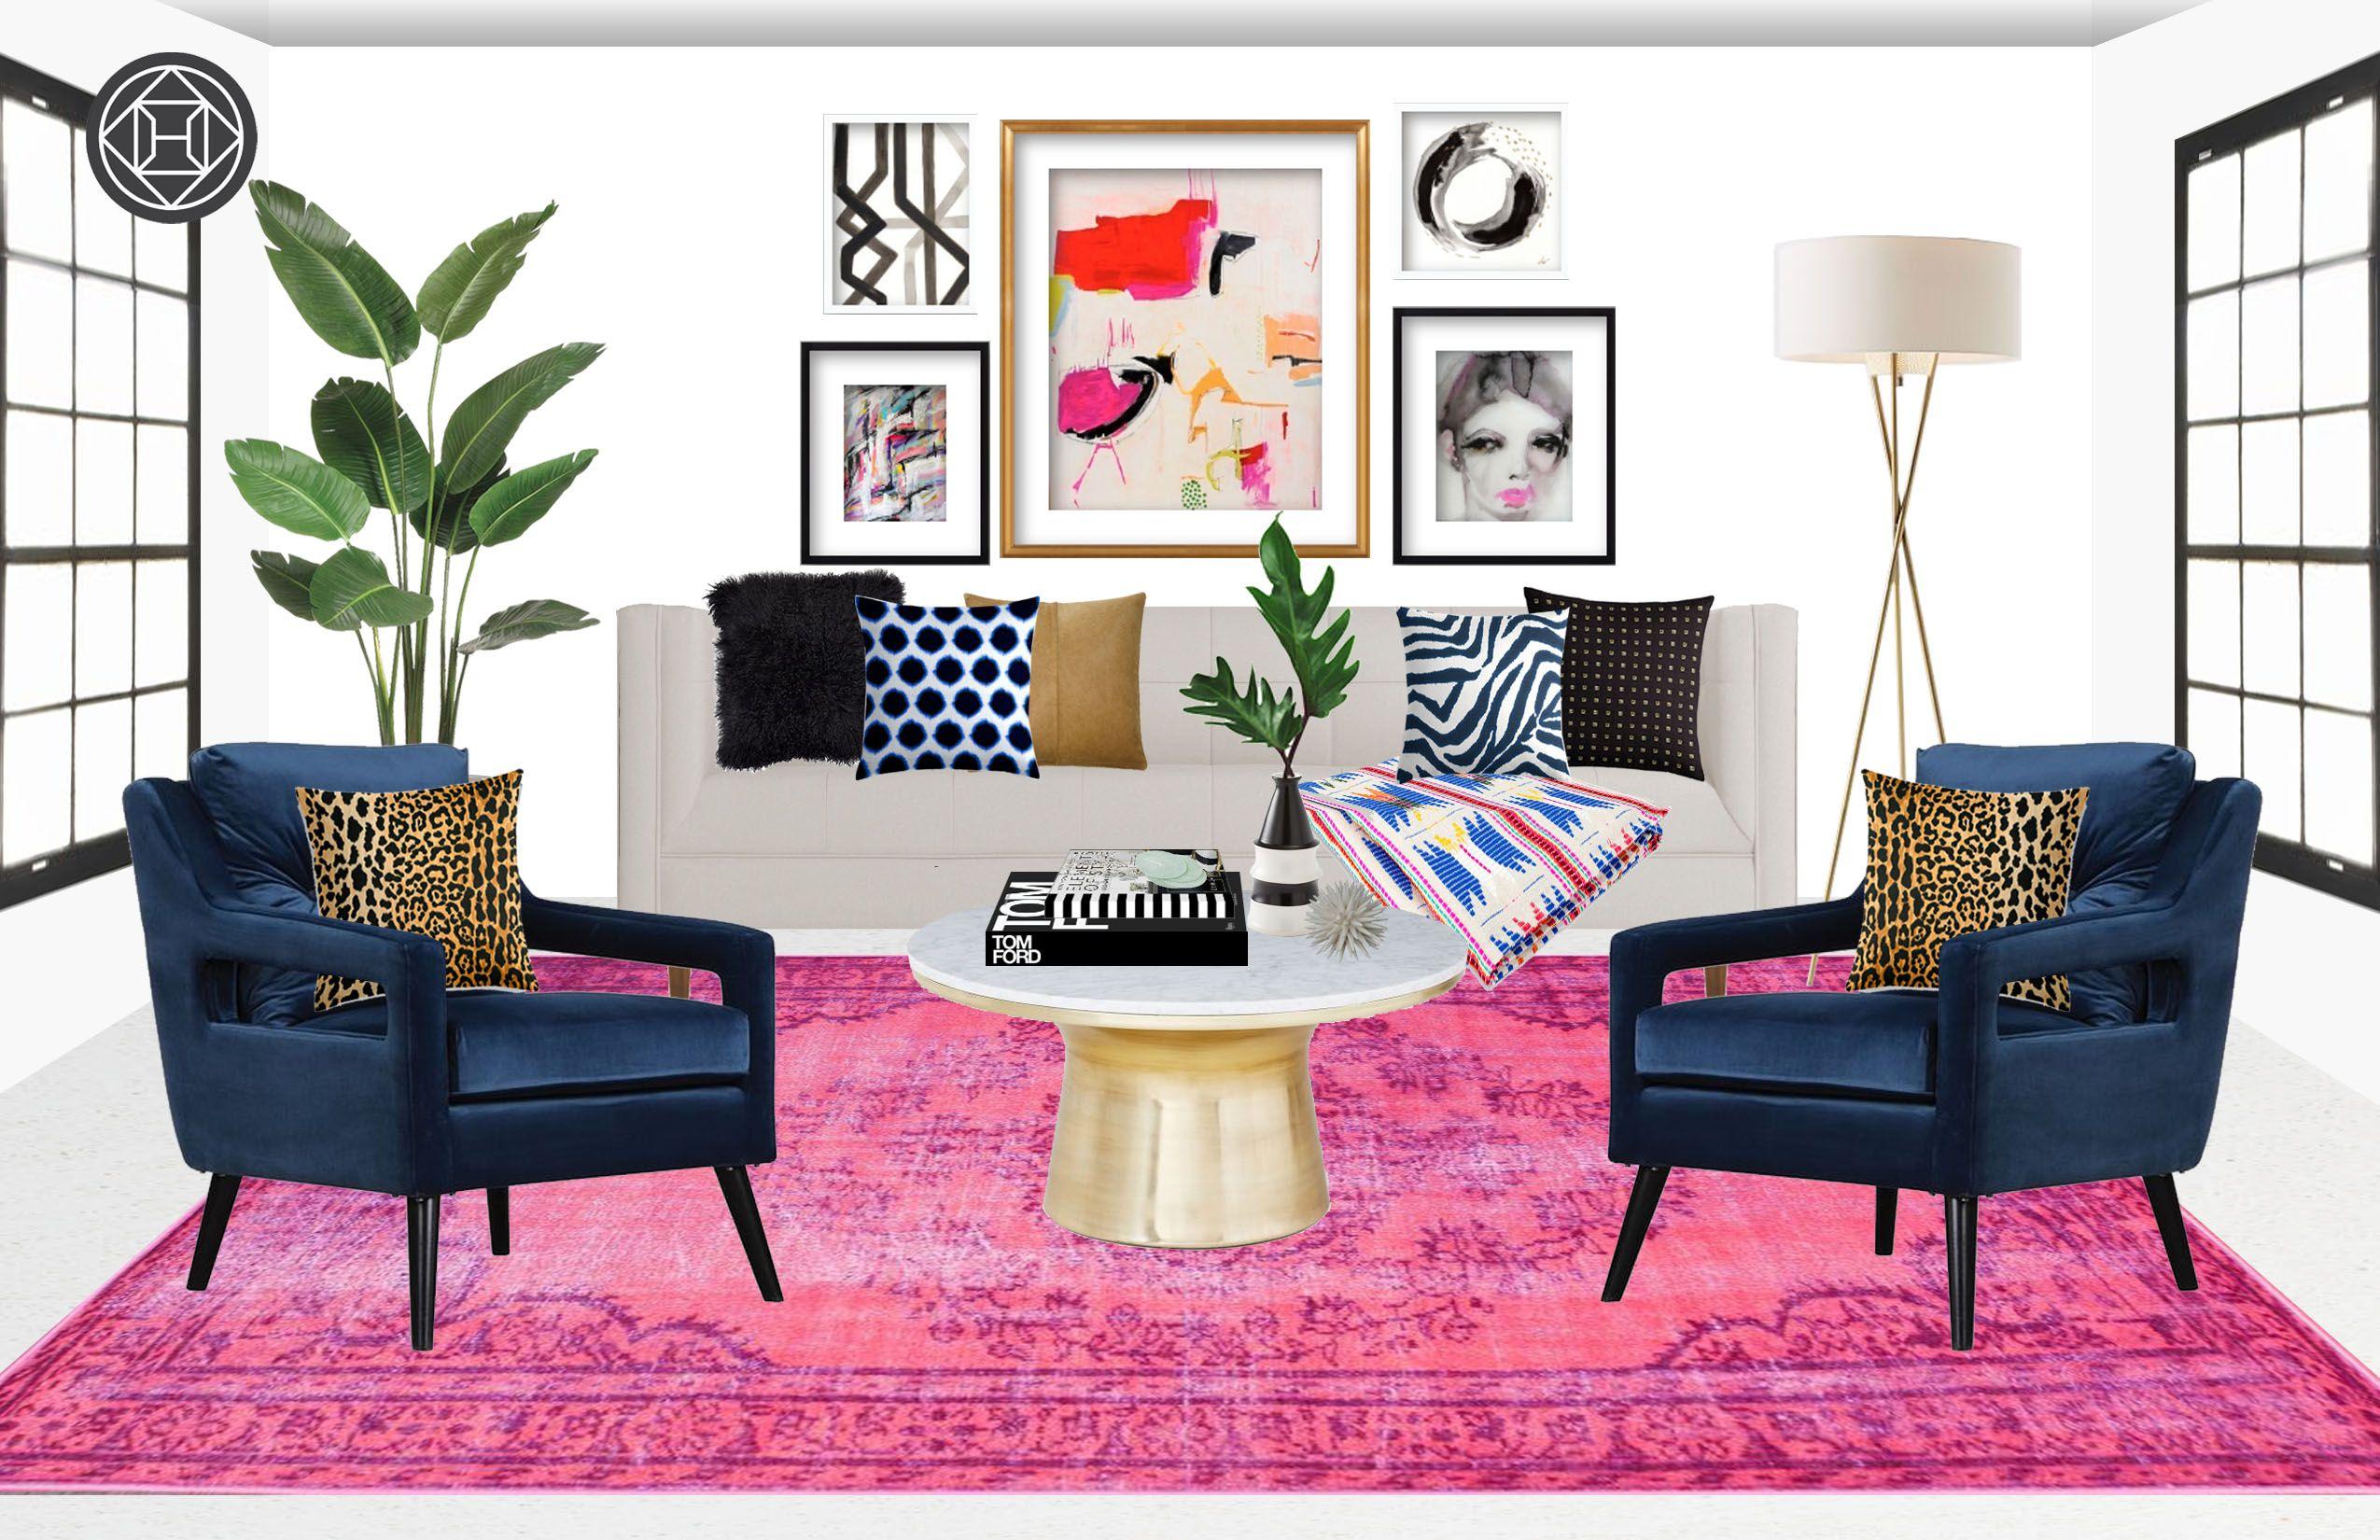 e50de9197cb280290f827f44a87d27f0 Top Result 50 Elegant Design Living Room Online Photography 2017 Kgit4